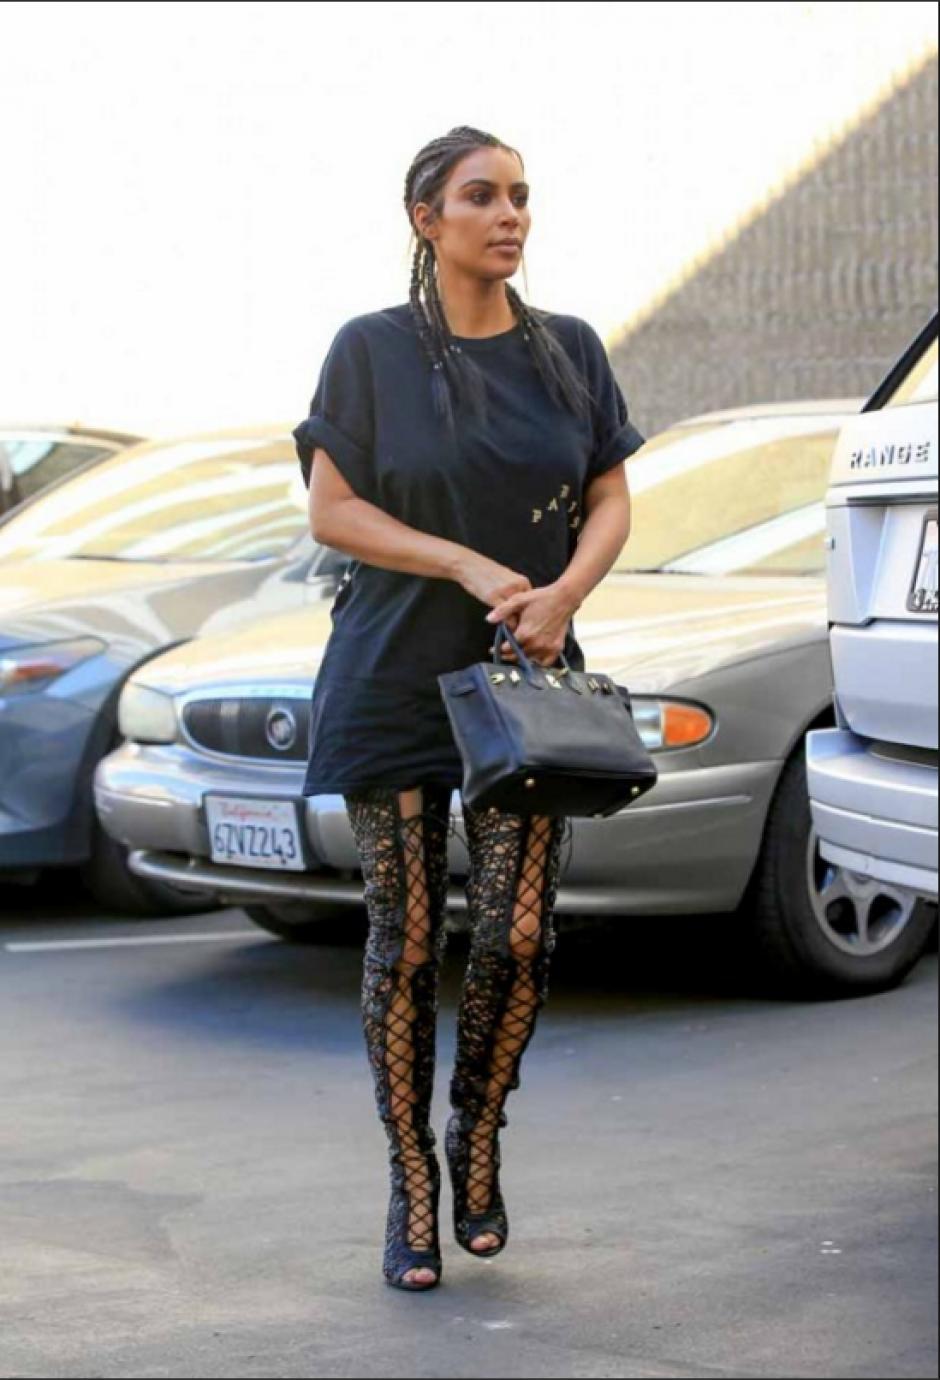 Otro de los elementos curiosos que vistió la celebridad fue una camiseta negra que le llegaba hasta las piernas. (Foto: En Femenino)